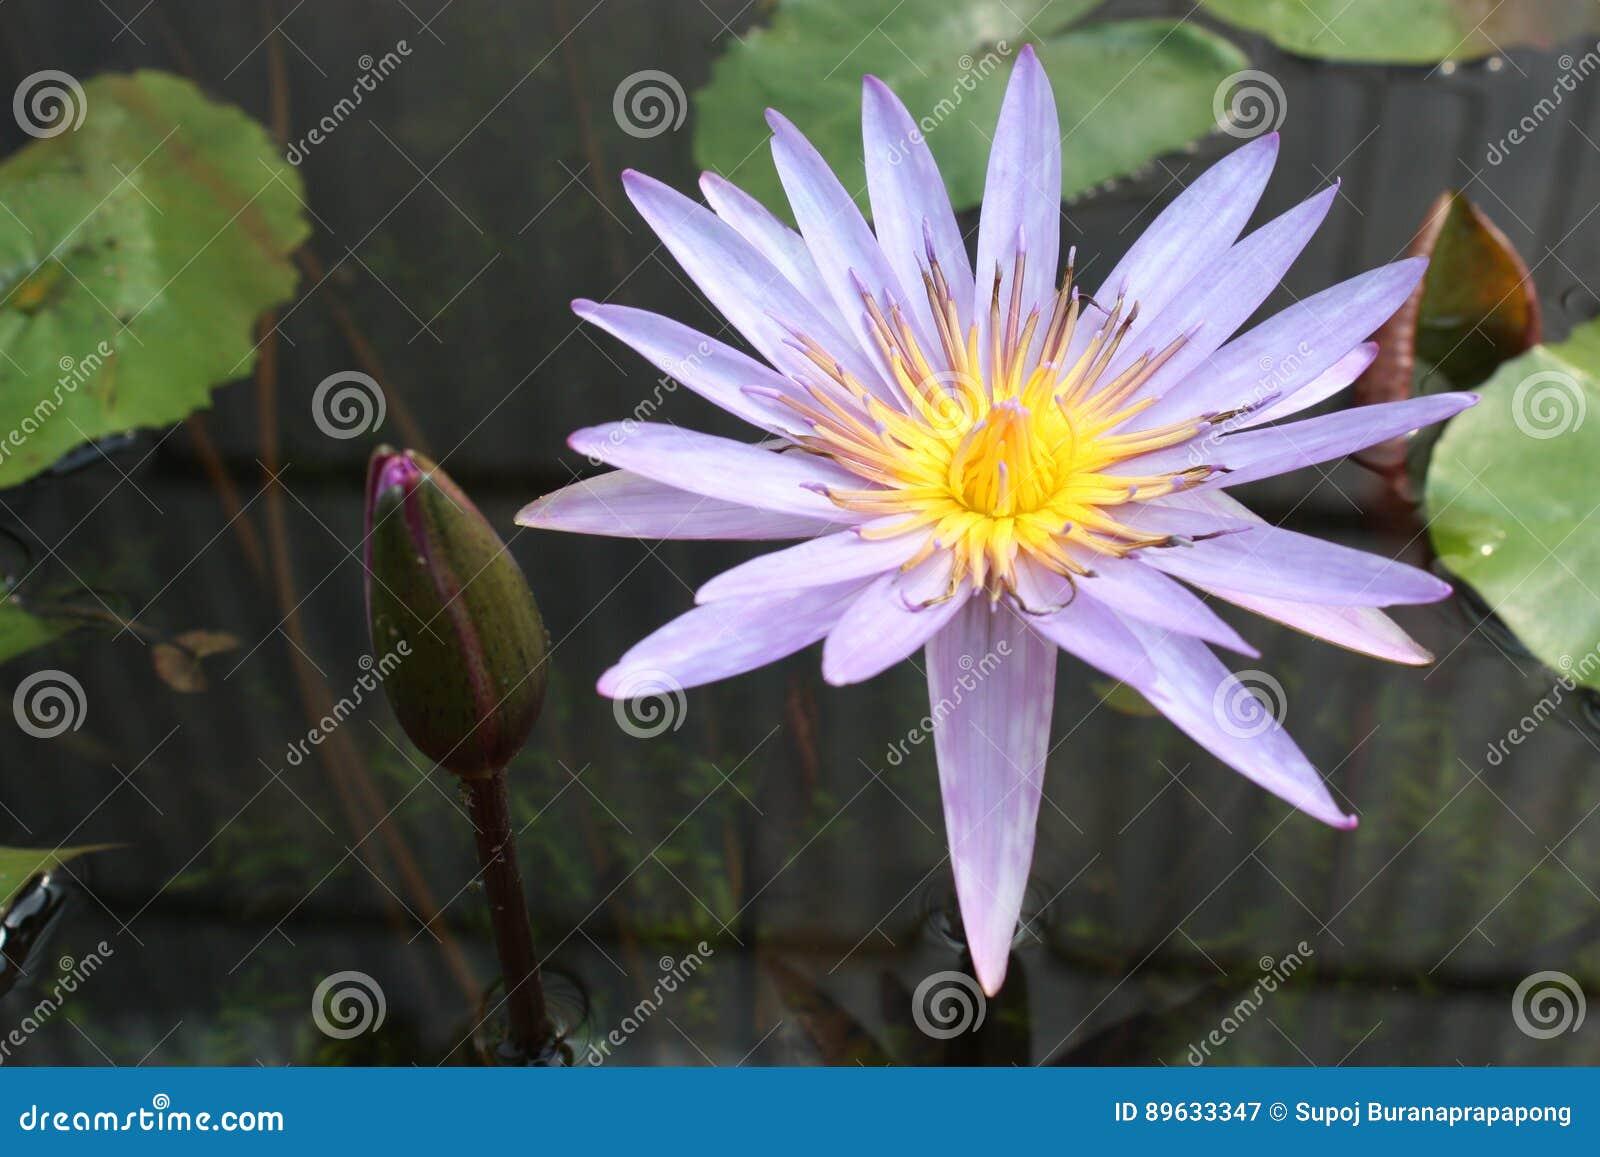 Lotus flower in pond vintage tone colour stock image image of tone lotus flower in pond vintage tone colour izmirmasajfo